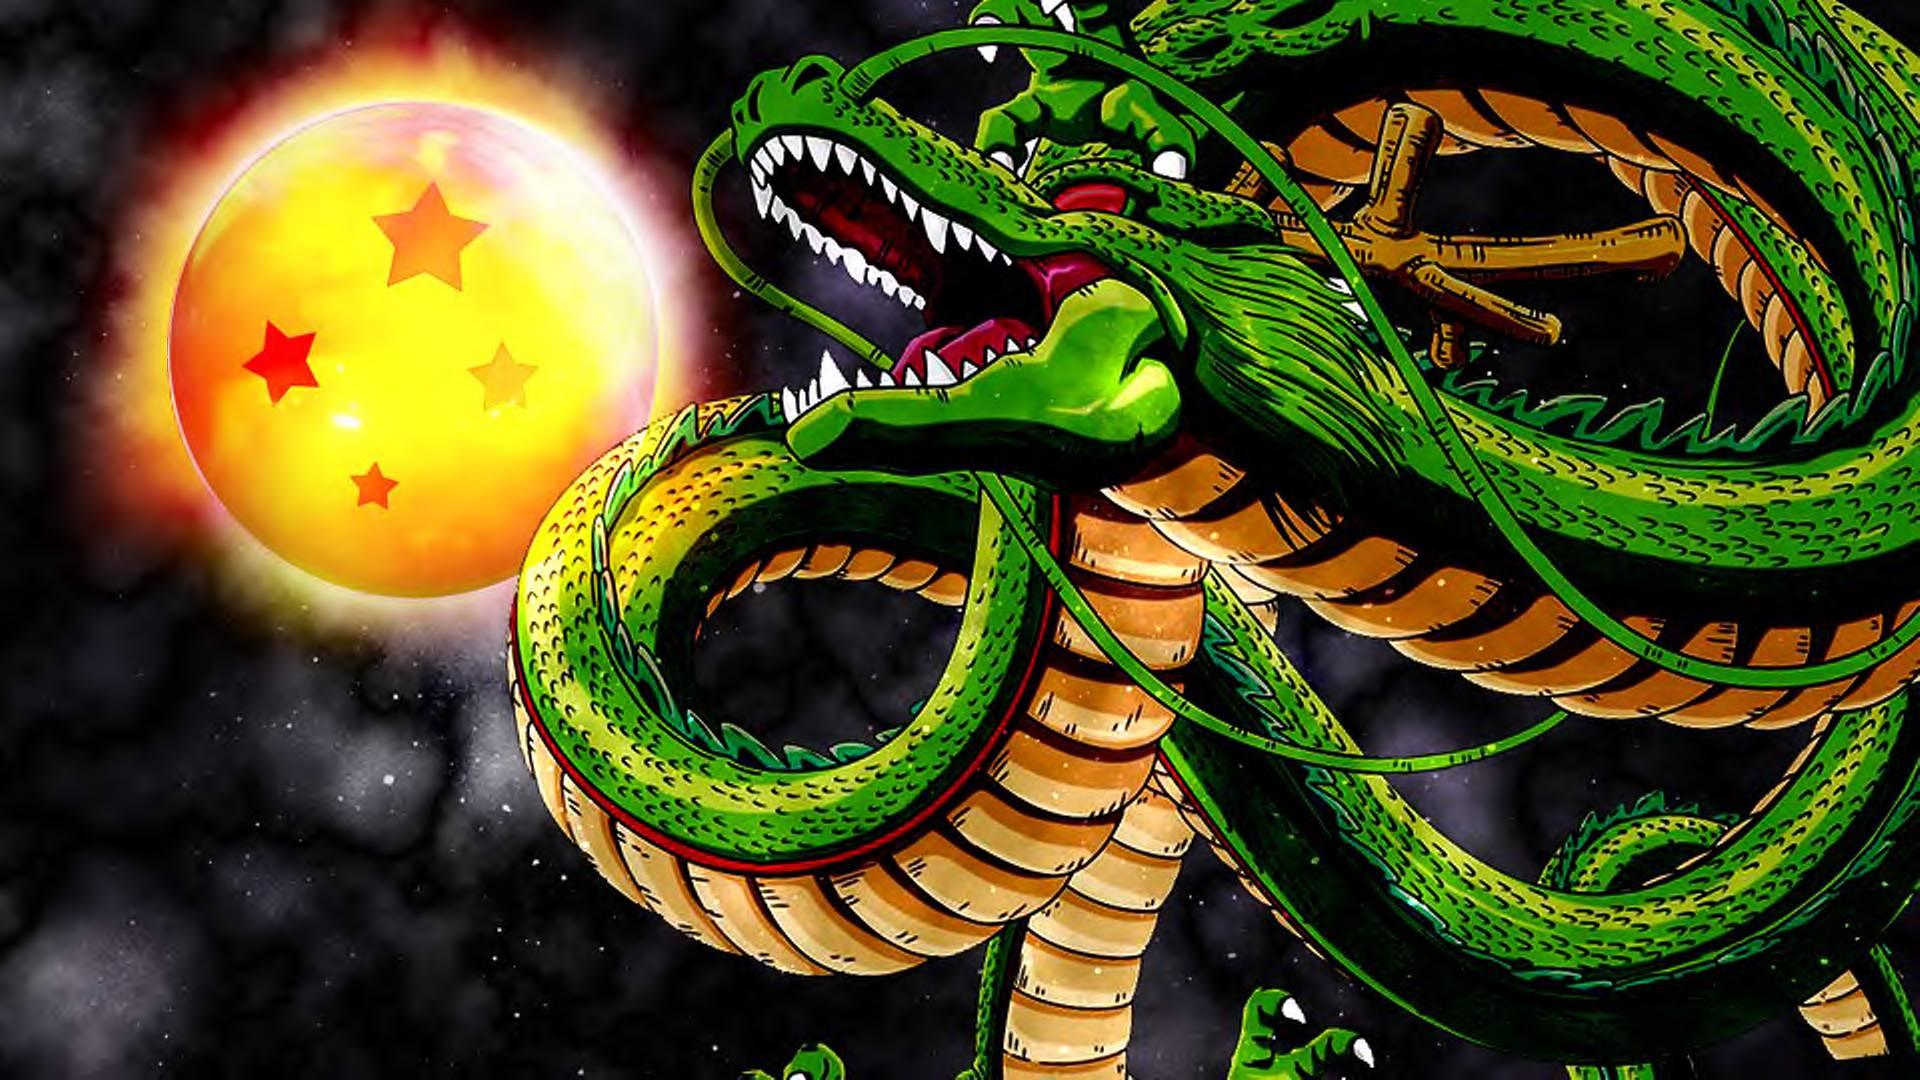 Descarga fondos de pantalla Dragon ball Z - HD ★ - YouTube